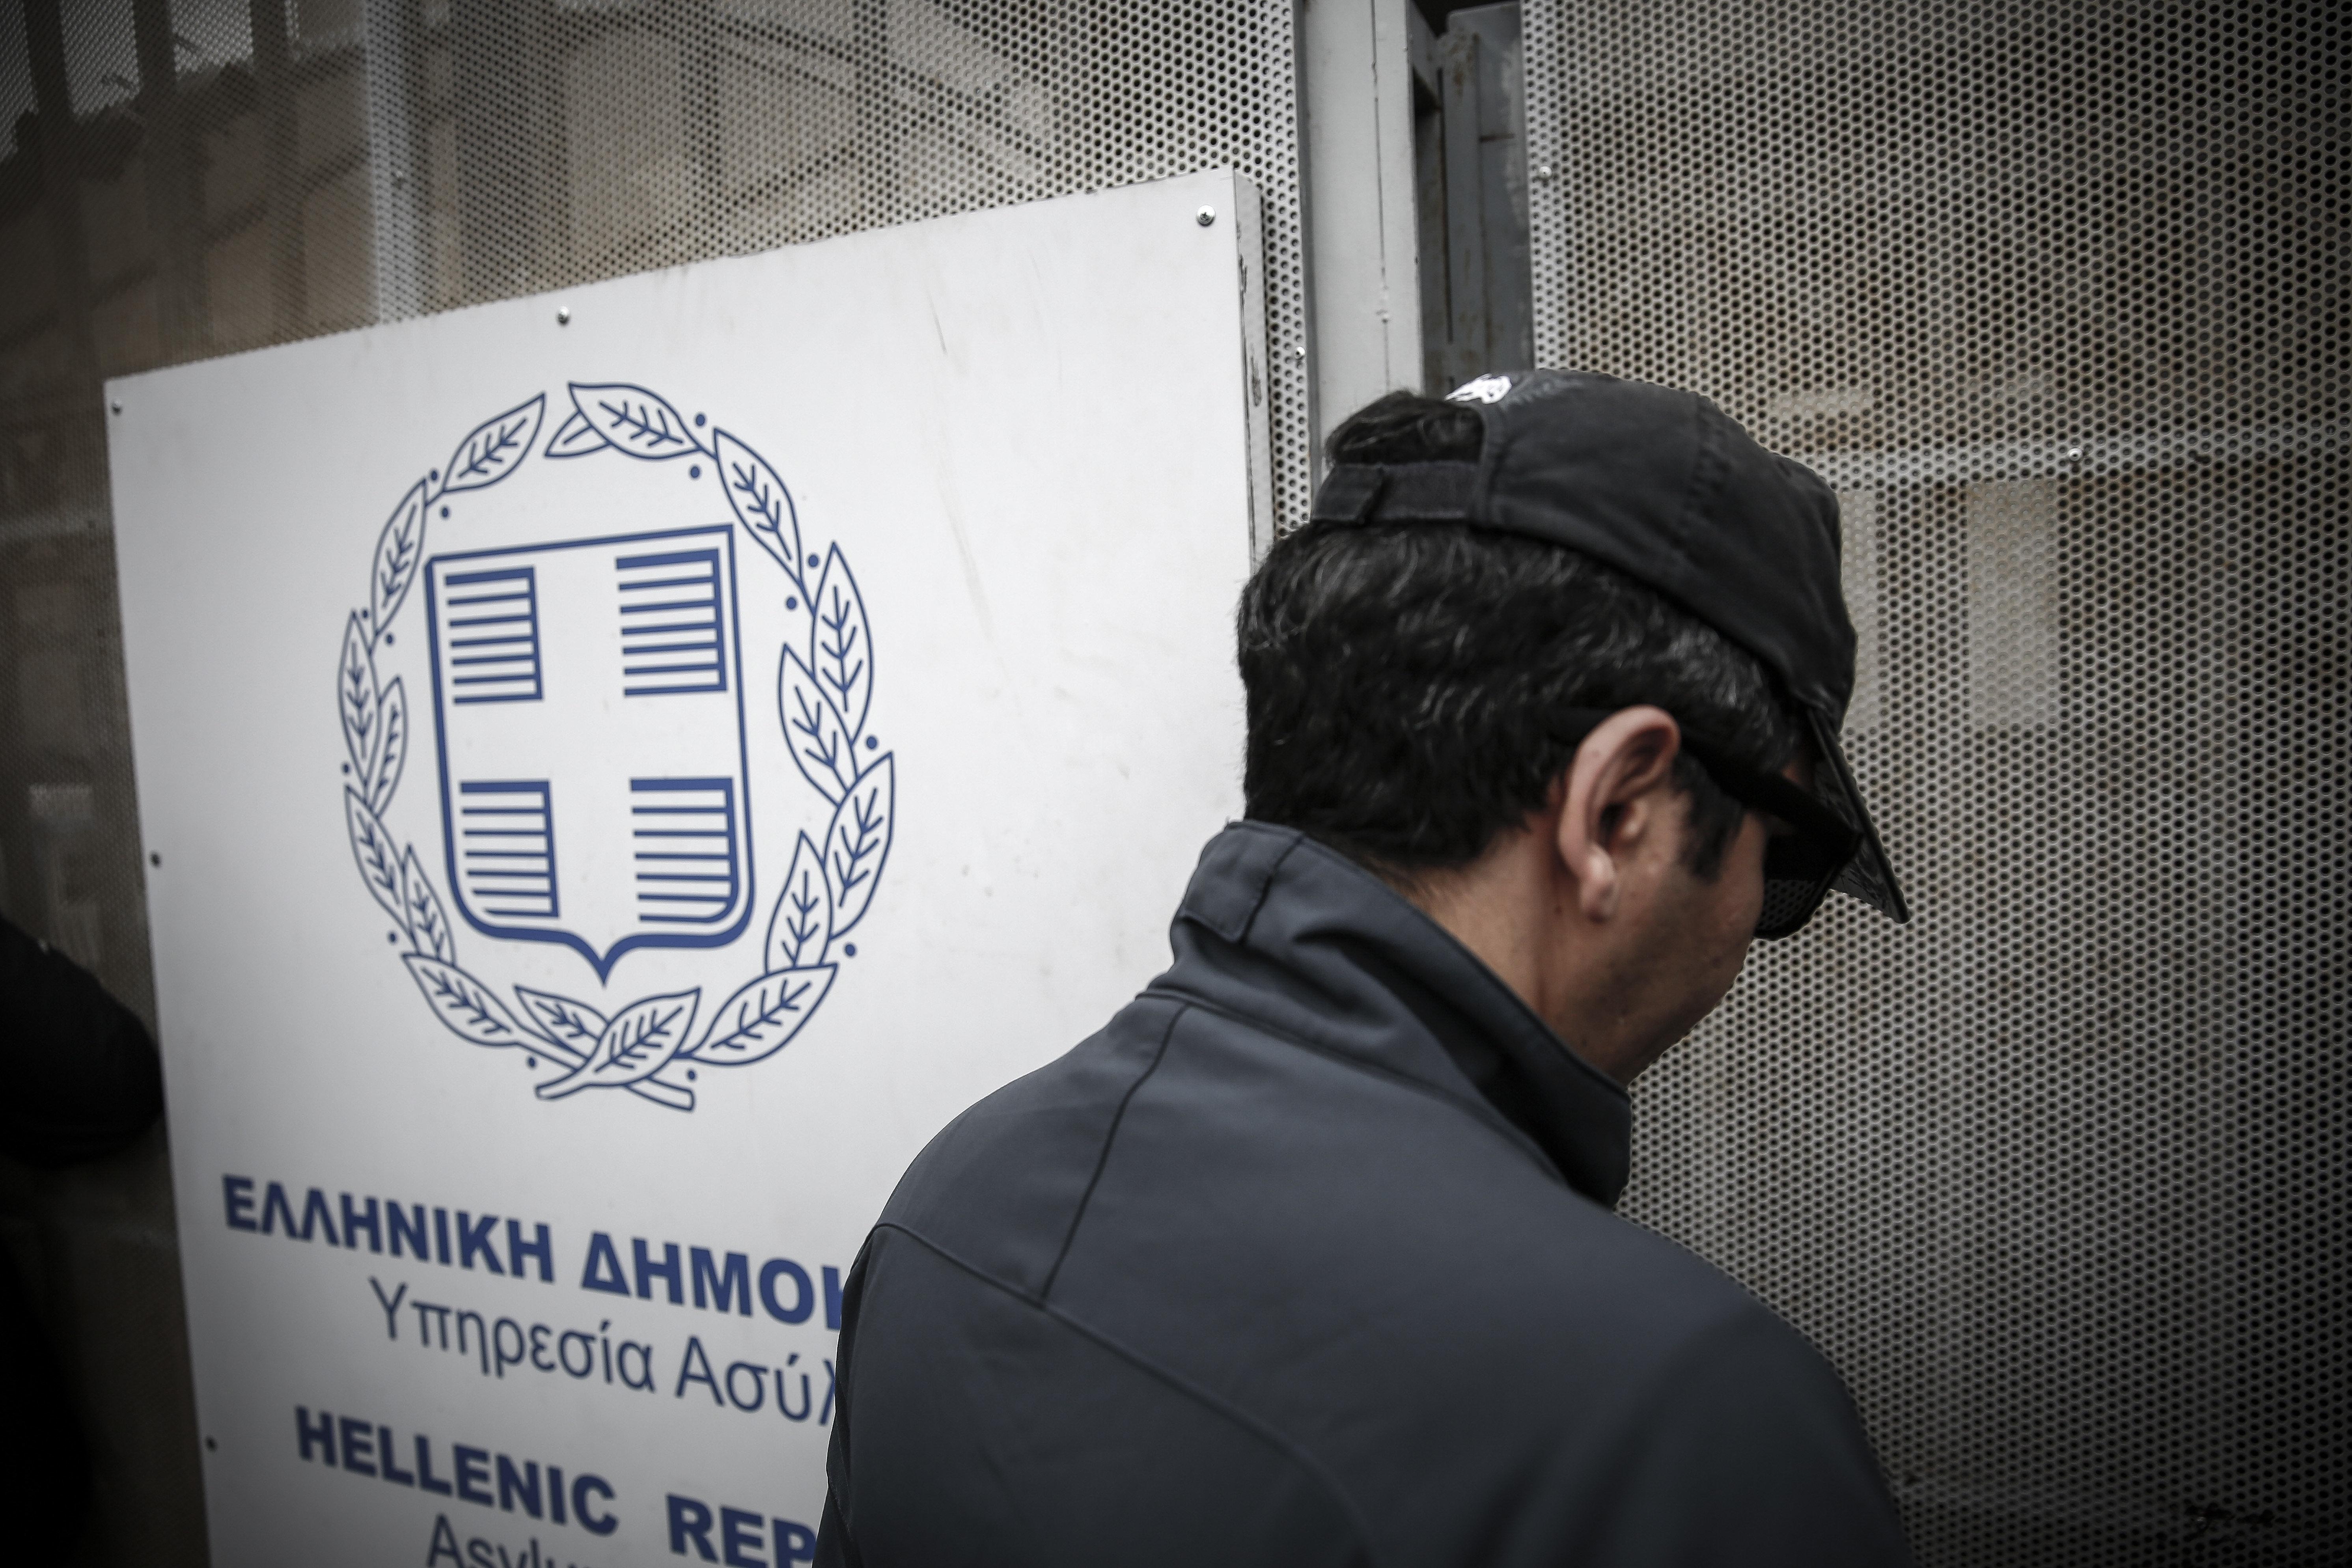 Πρώην πρόεδροι Δικηγορικών Συλλόγων: Ερωτηματικά για τη διαταγή για τον Τούρκο